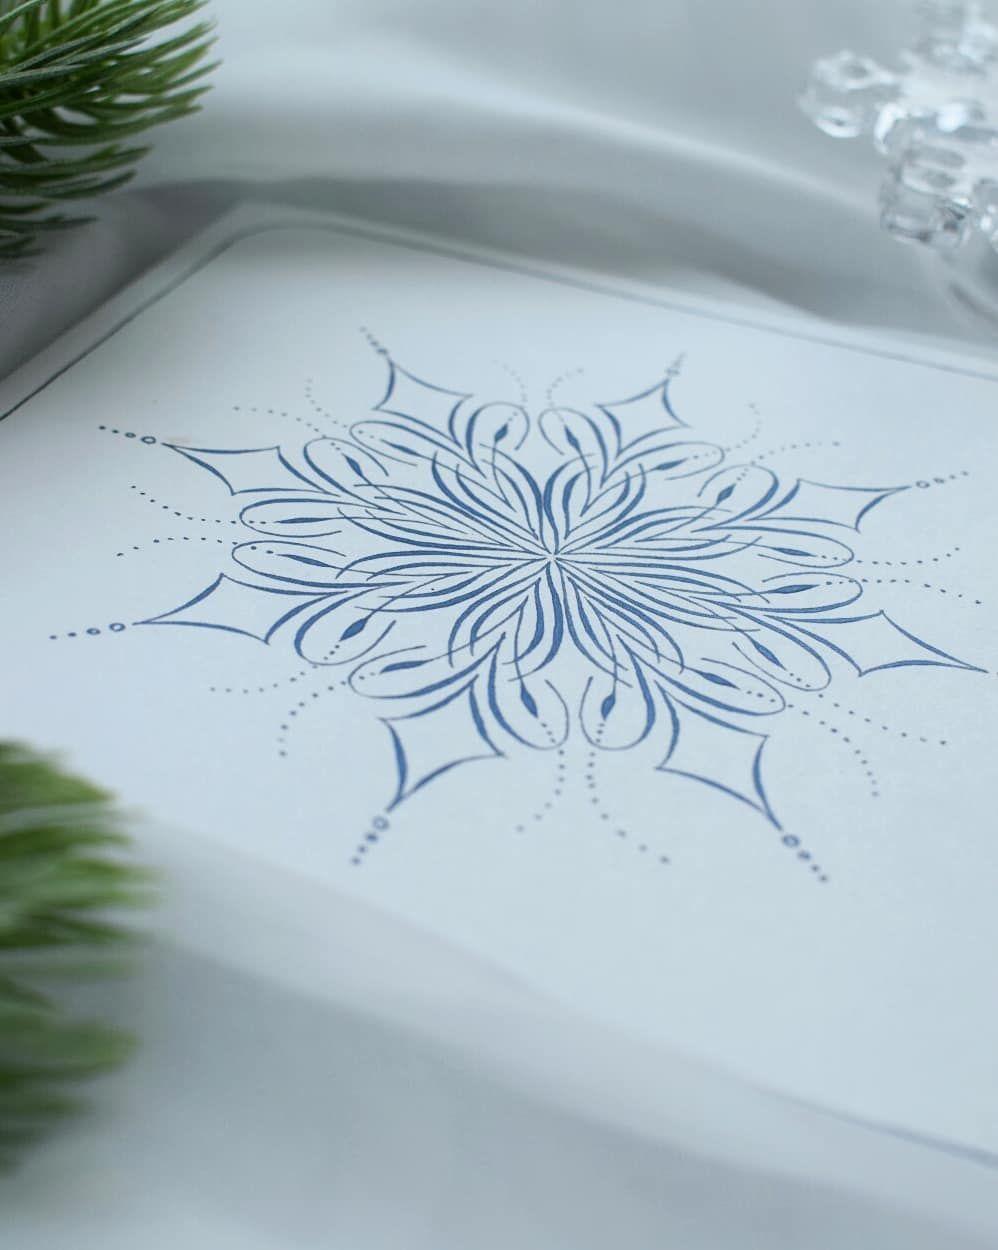 Desenho de Caligrafia As nuvens perdem flocos de neve uma bolsa mágica está cheia de present Desenho de Caligrafia As nuvens perdem flocos de neve uma bolsa...